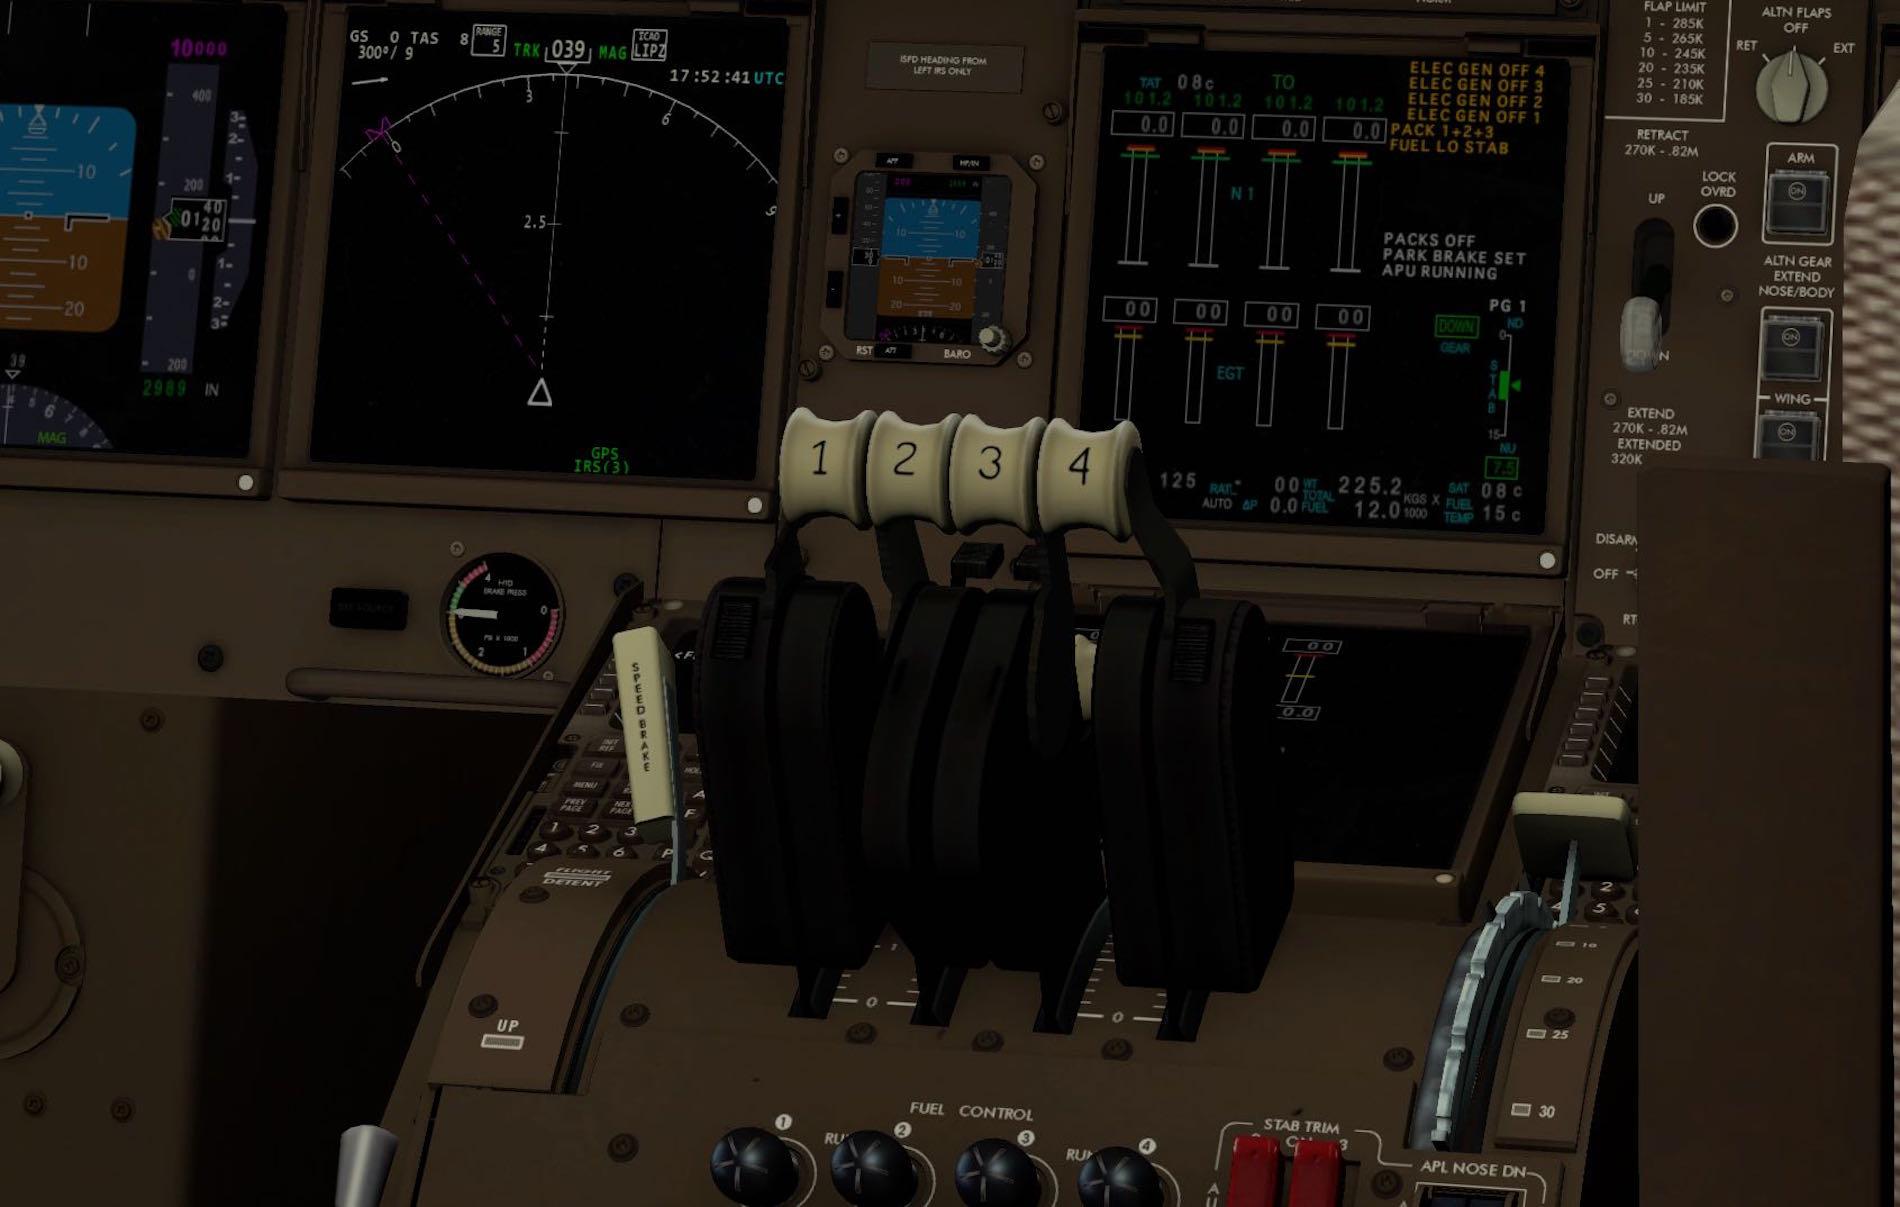 ssg-748i-00007